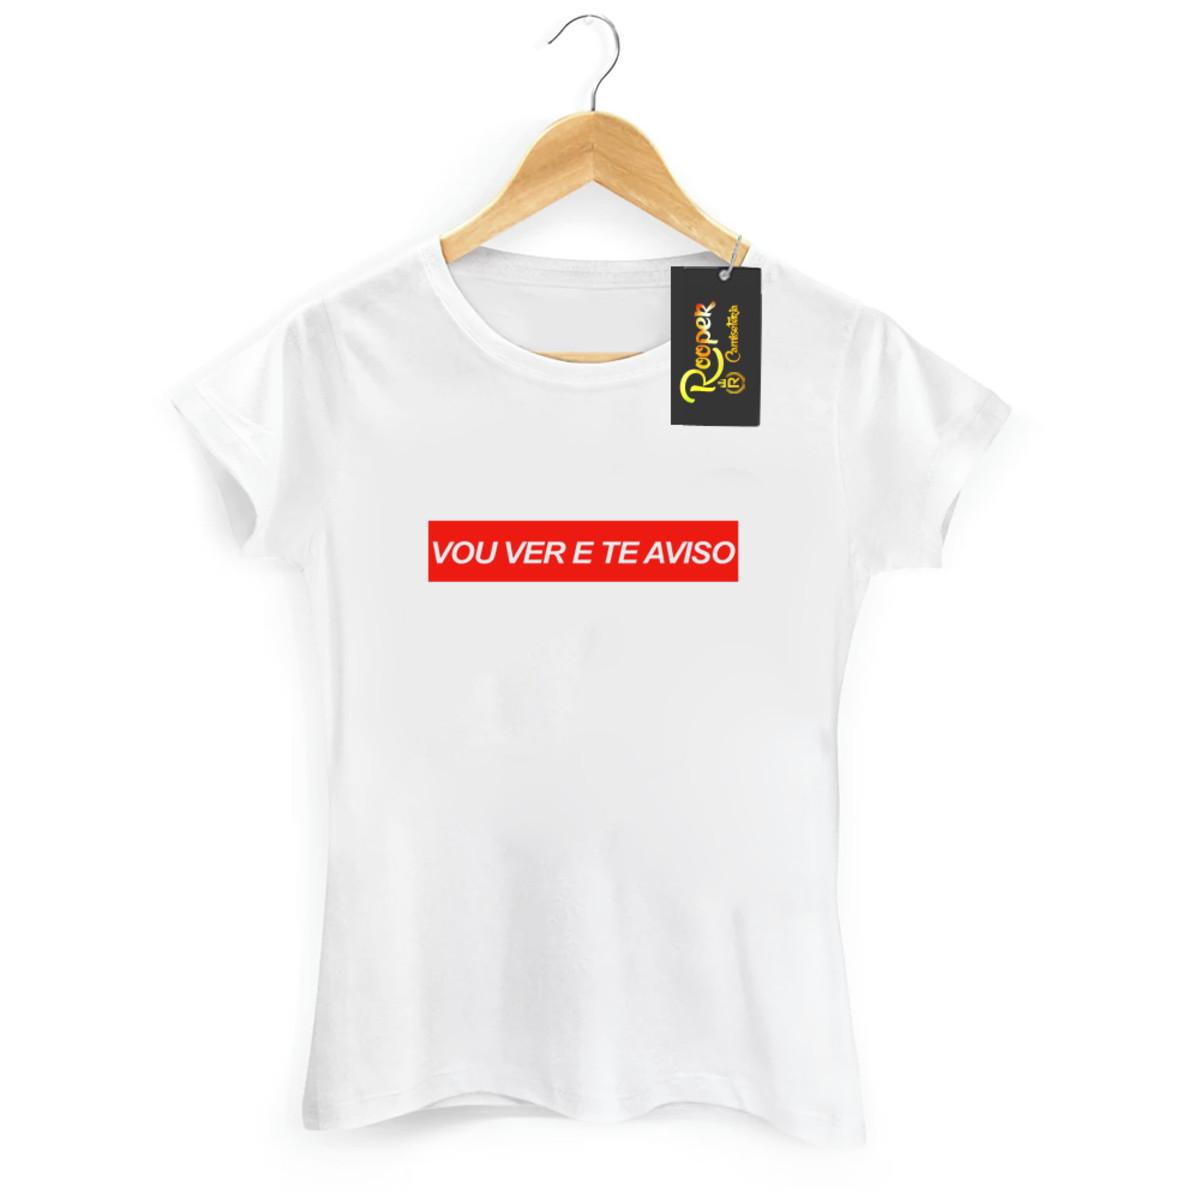 b1952bc42a Camisetas Femininas Frases Vou Ver E Te Aviso no Elo7 | Rooper ...